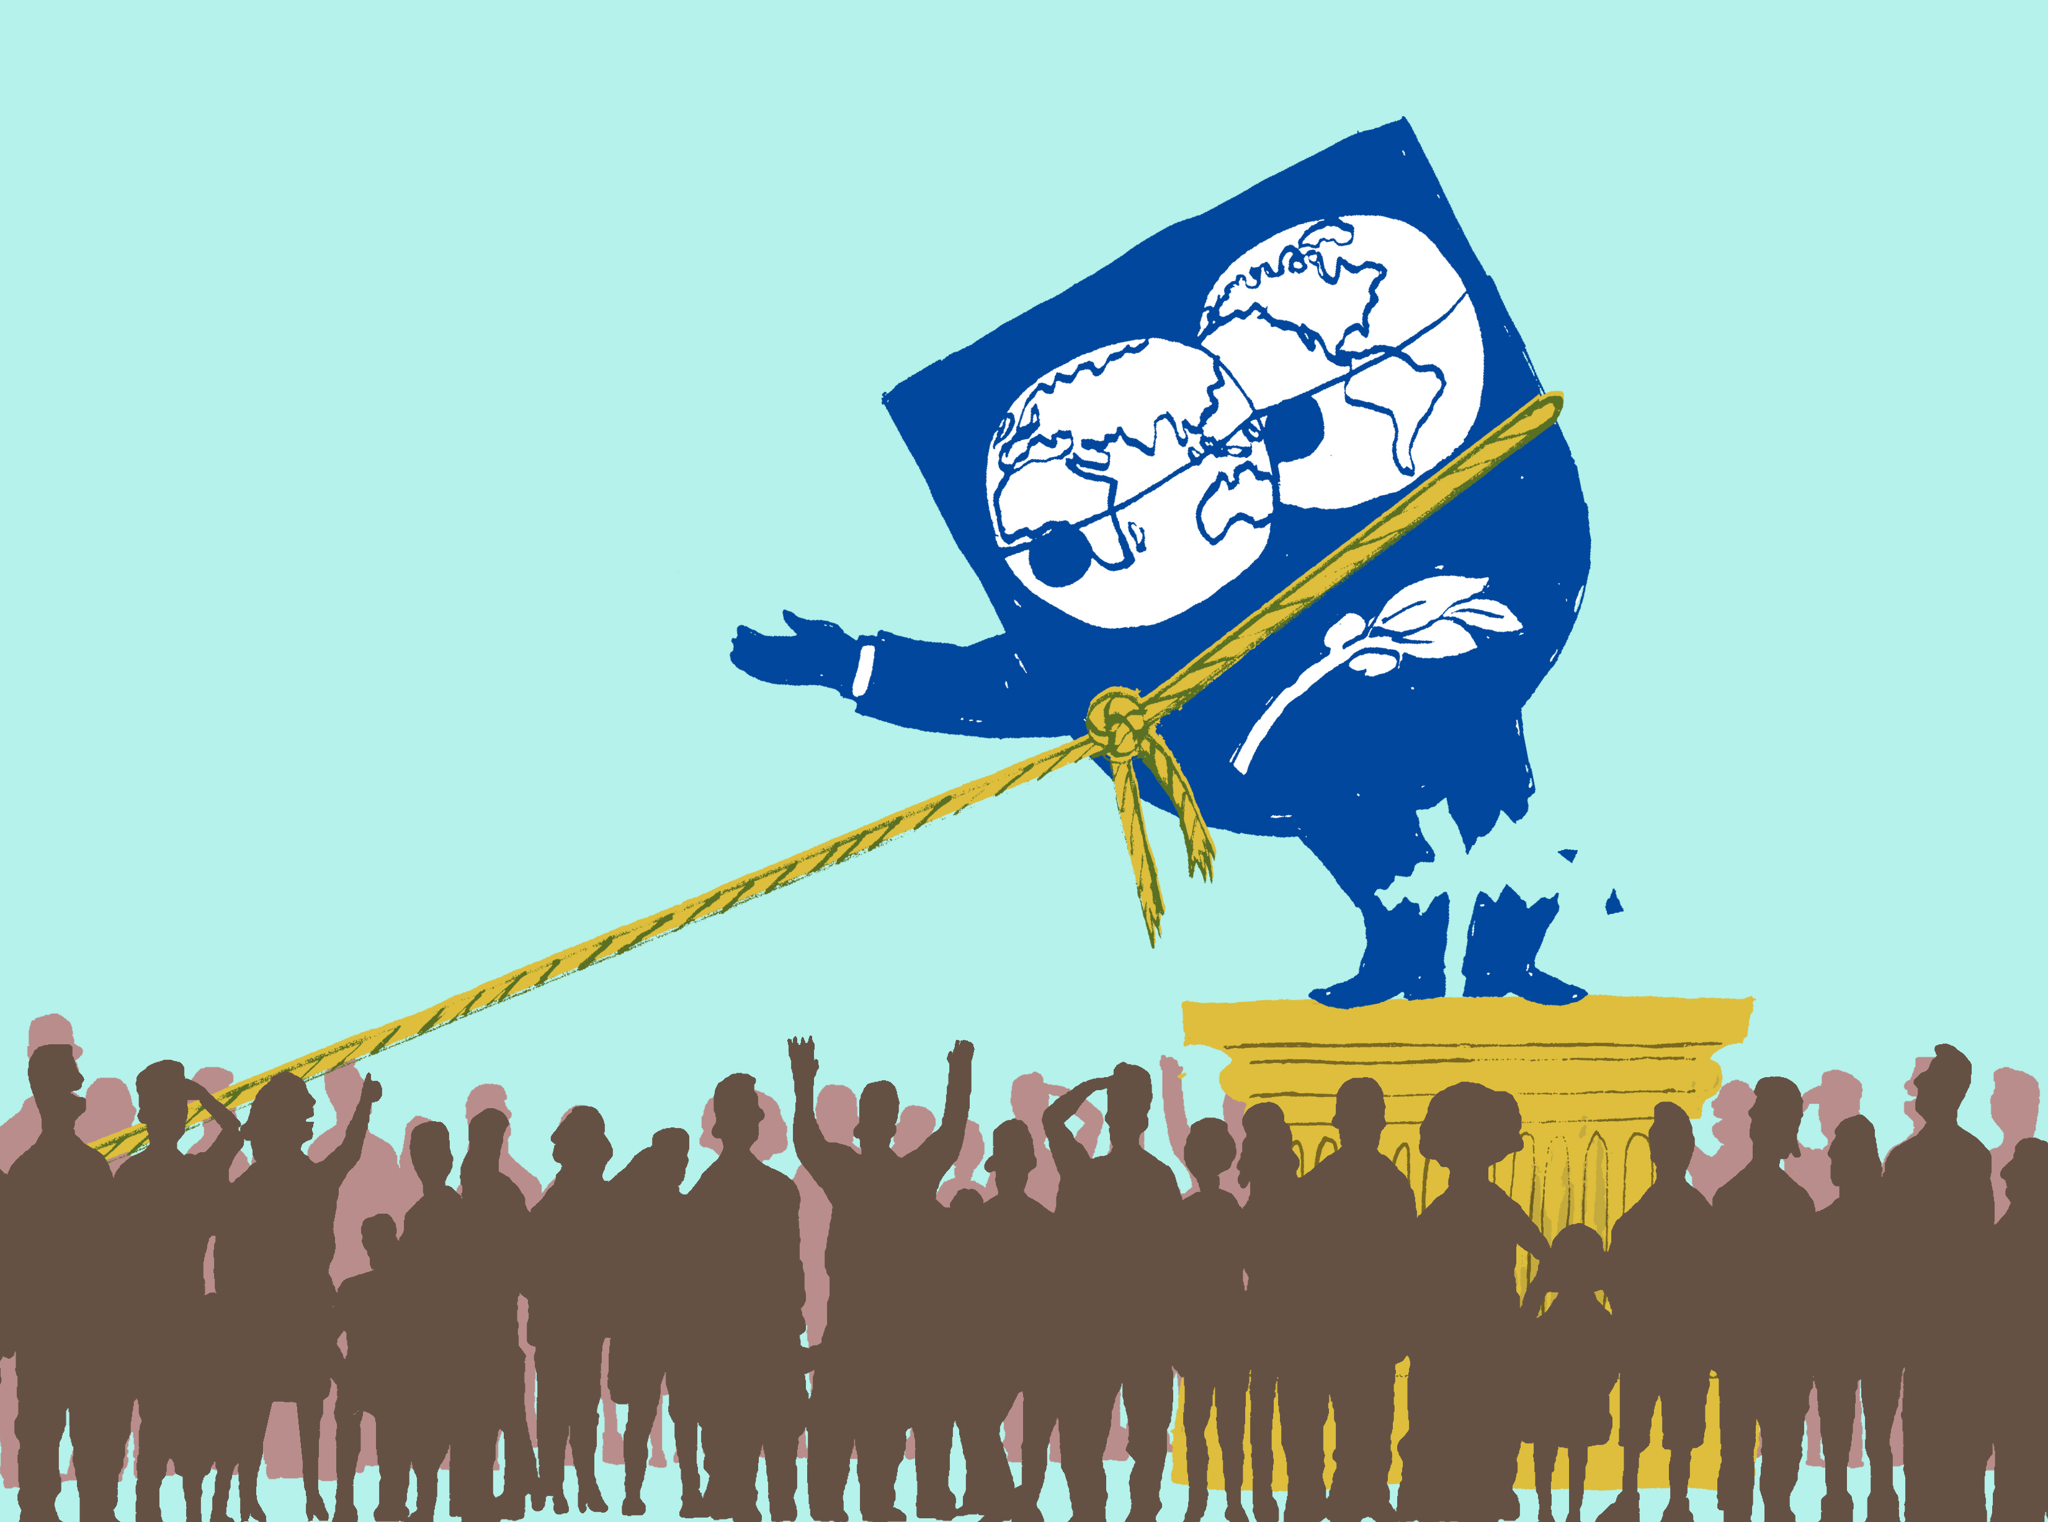 El costo político de los programas del FMI - Proyecto Bretton Woods